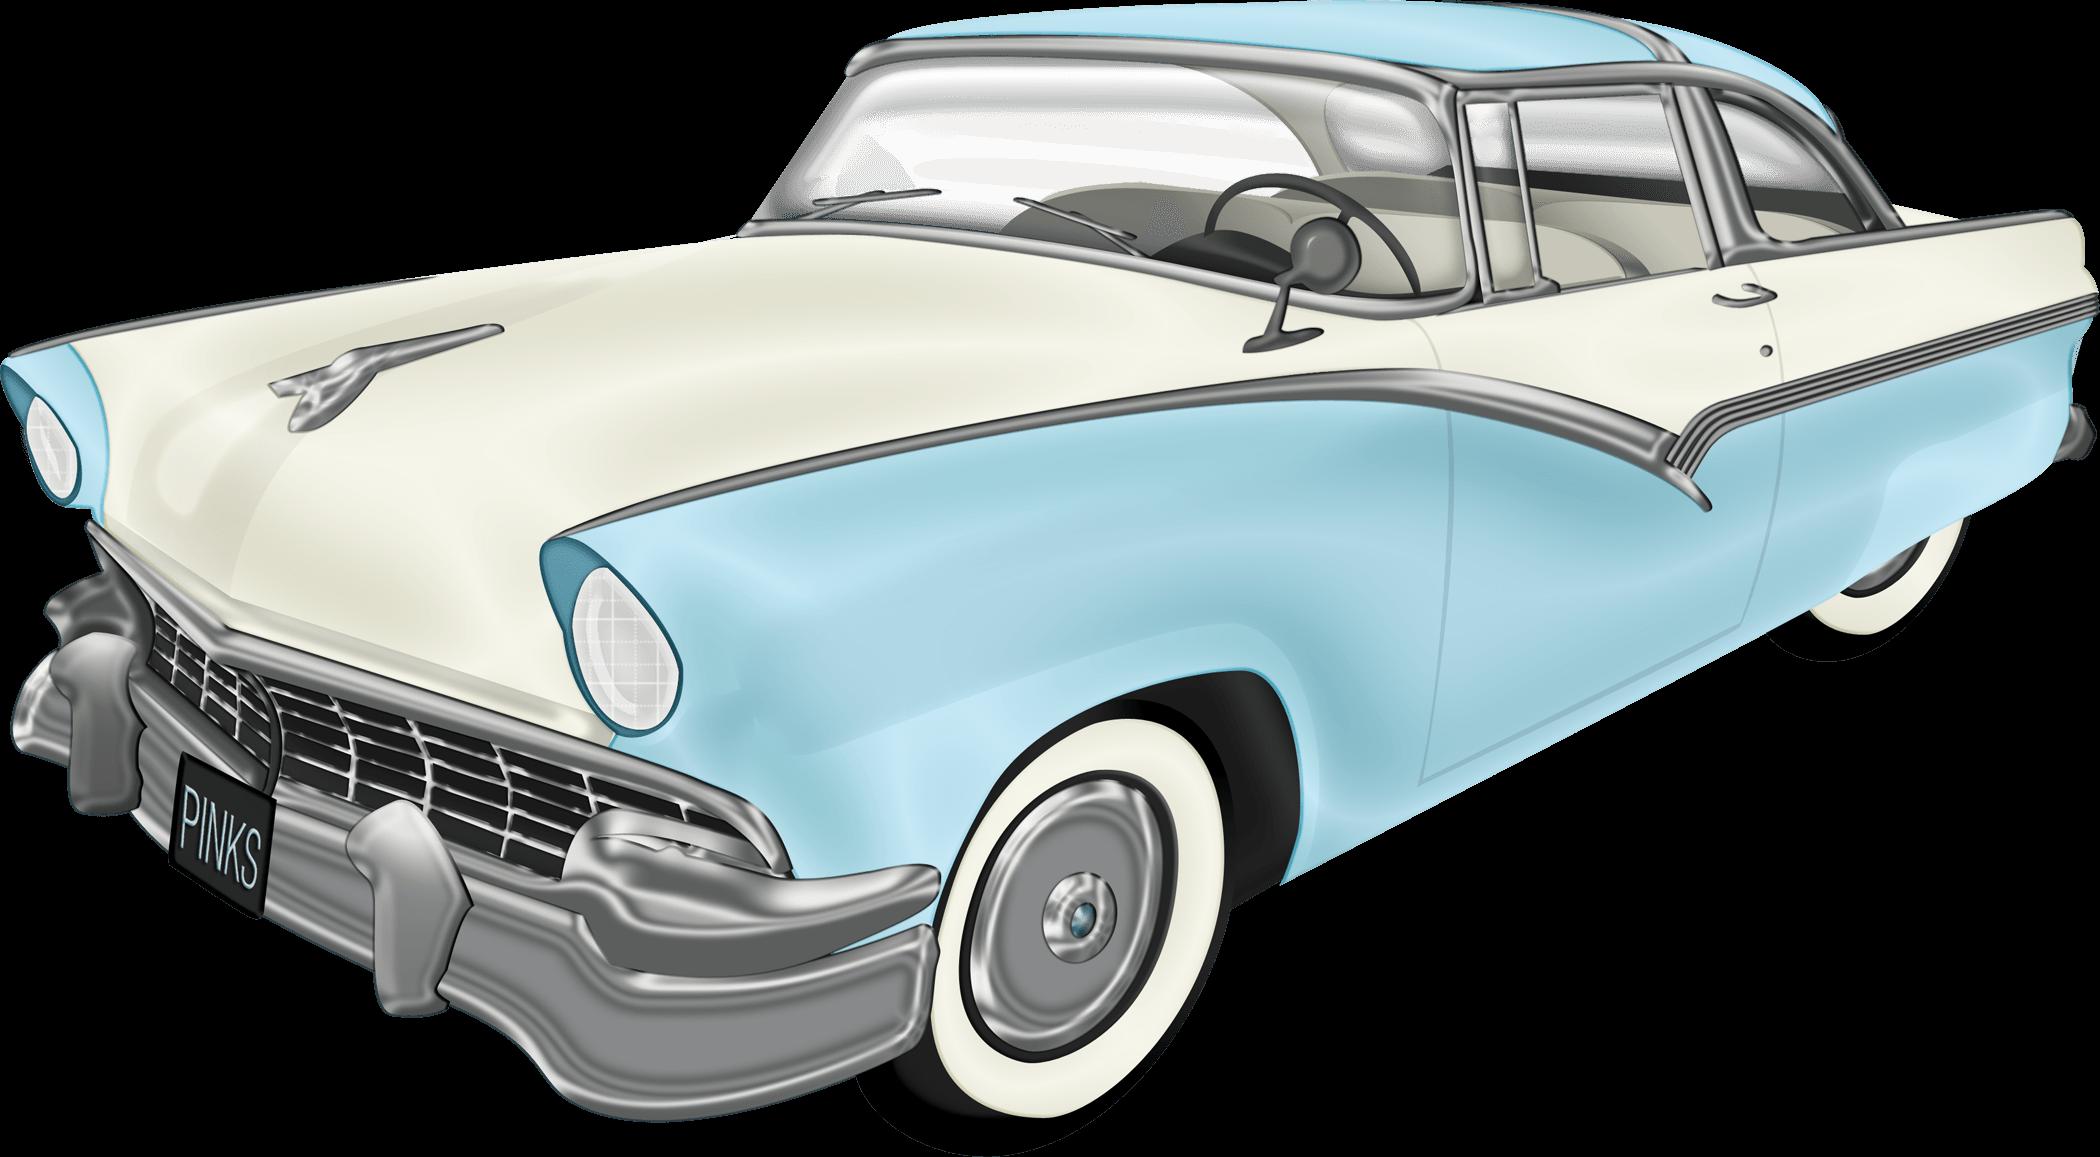 Old Car Headlight On Transparency : Oldtimer us car transparent png stickpng